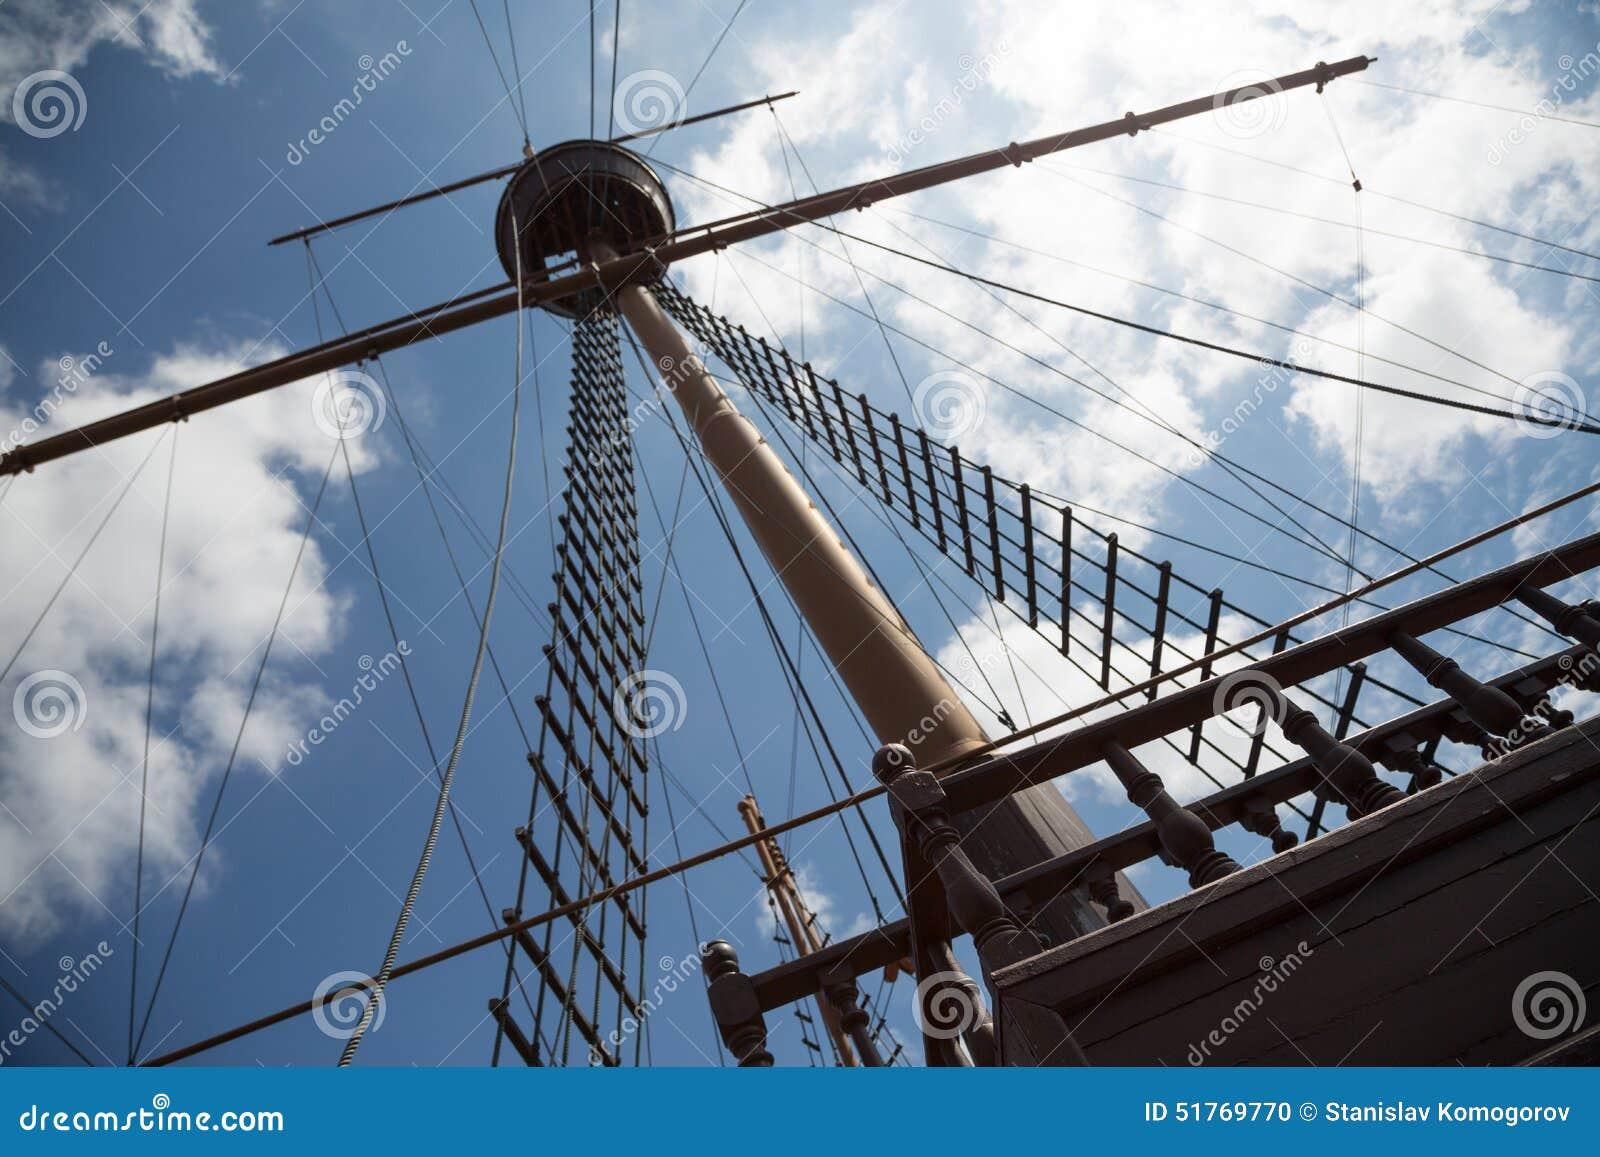 Mast och riggning på ett seglingskepp